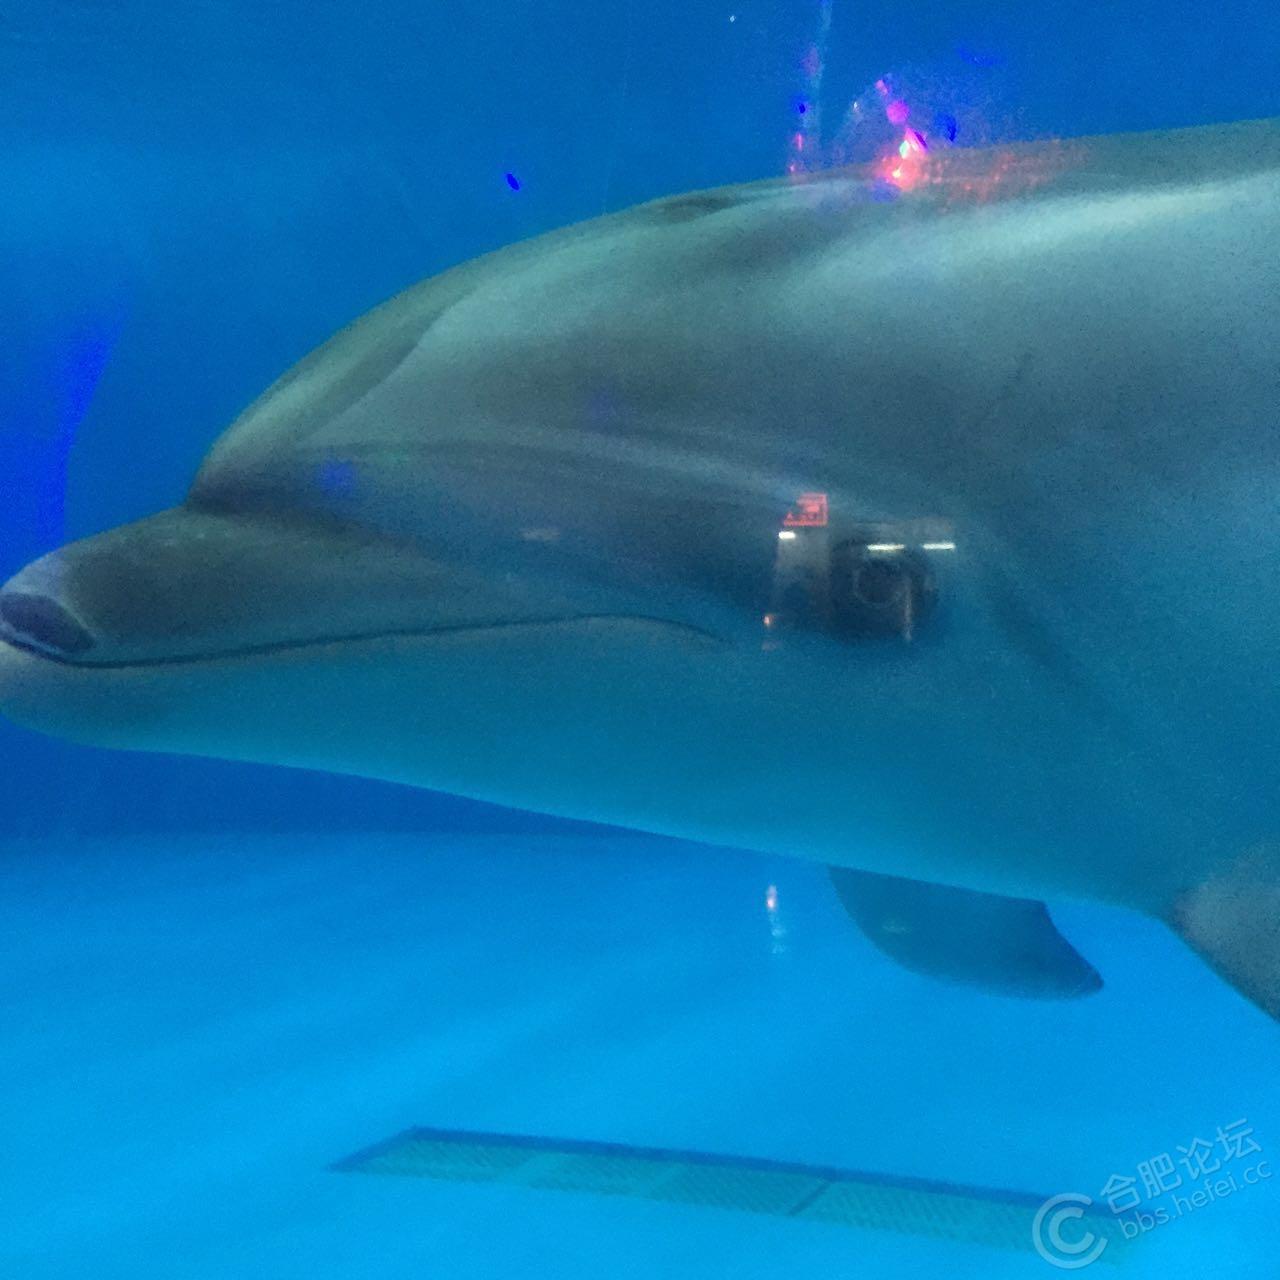 奇妙的动物世界 - 摄影天地